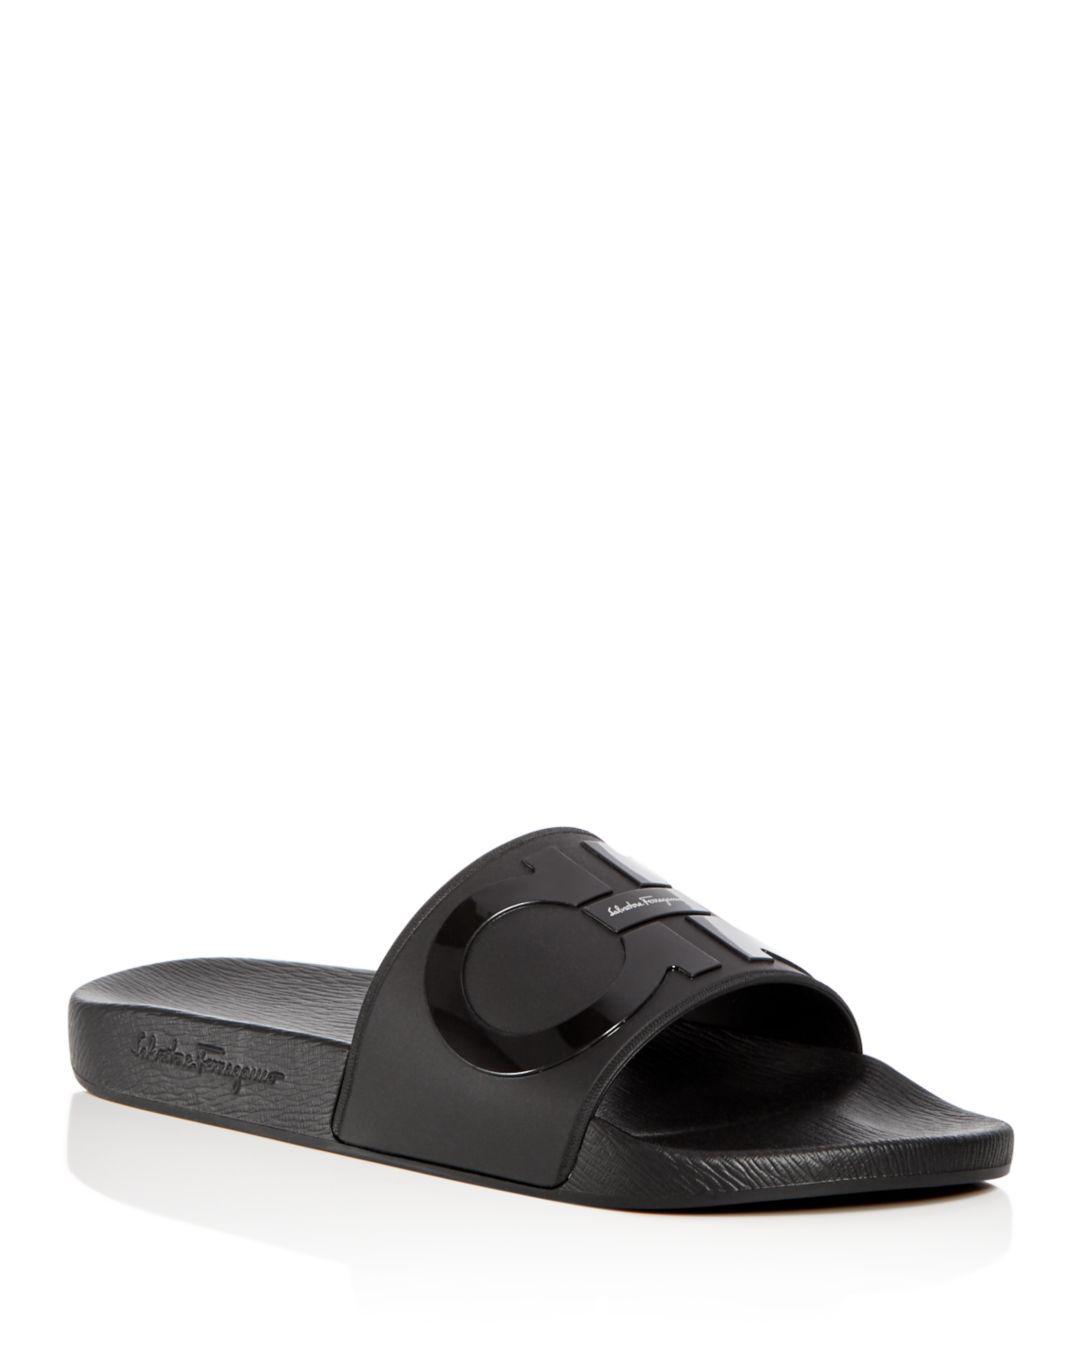 845eecaa120c Ferragamo Men s Groove 2 Original Double Gancini Slide Sandals in ...